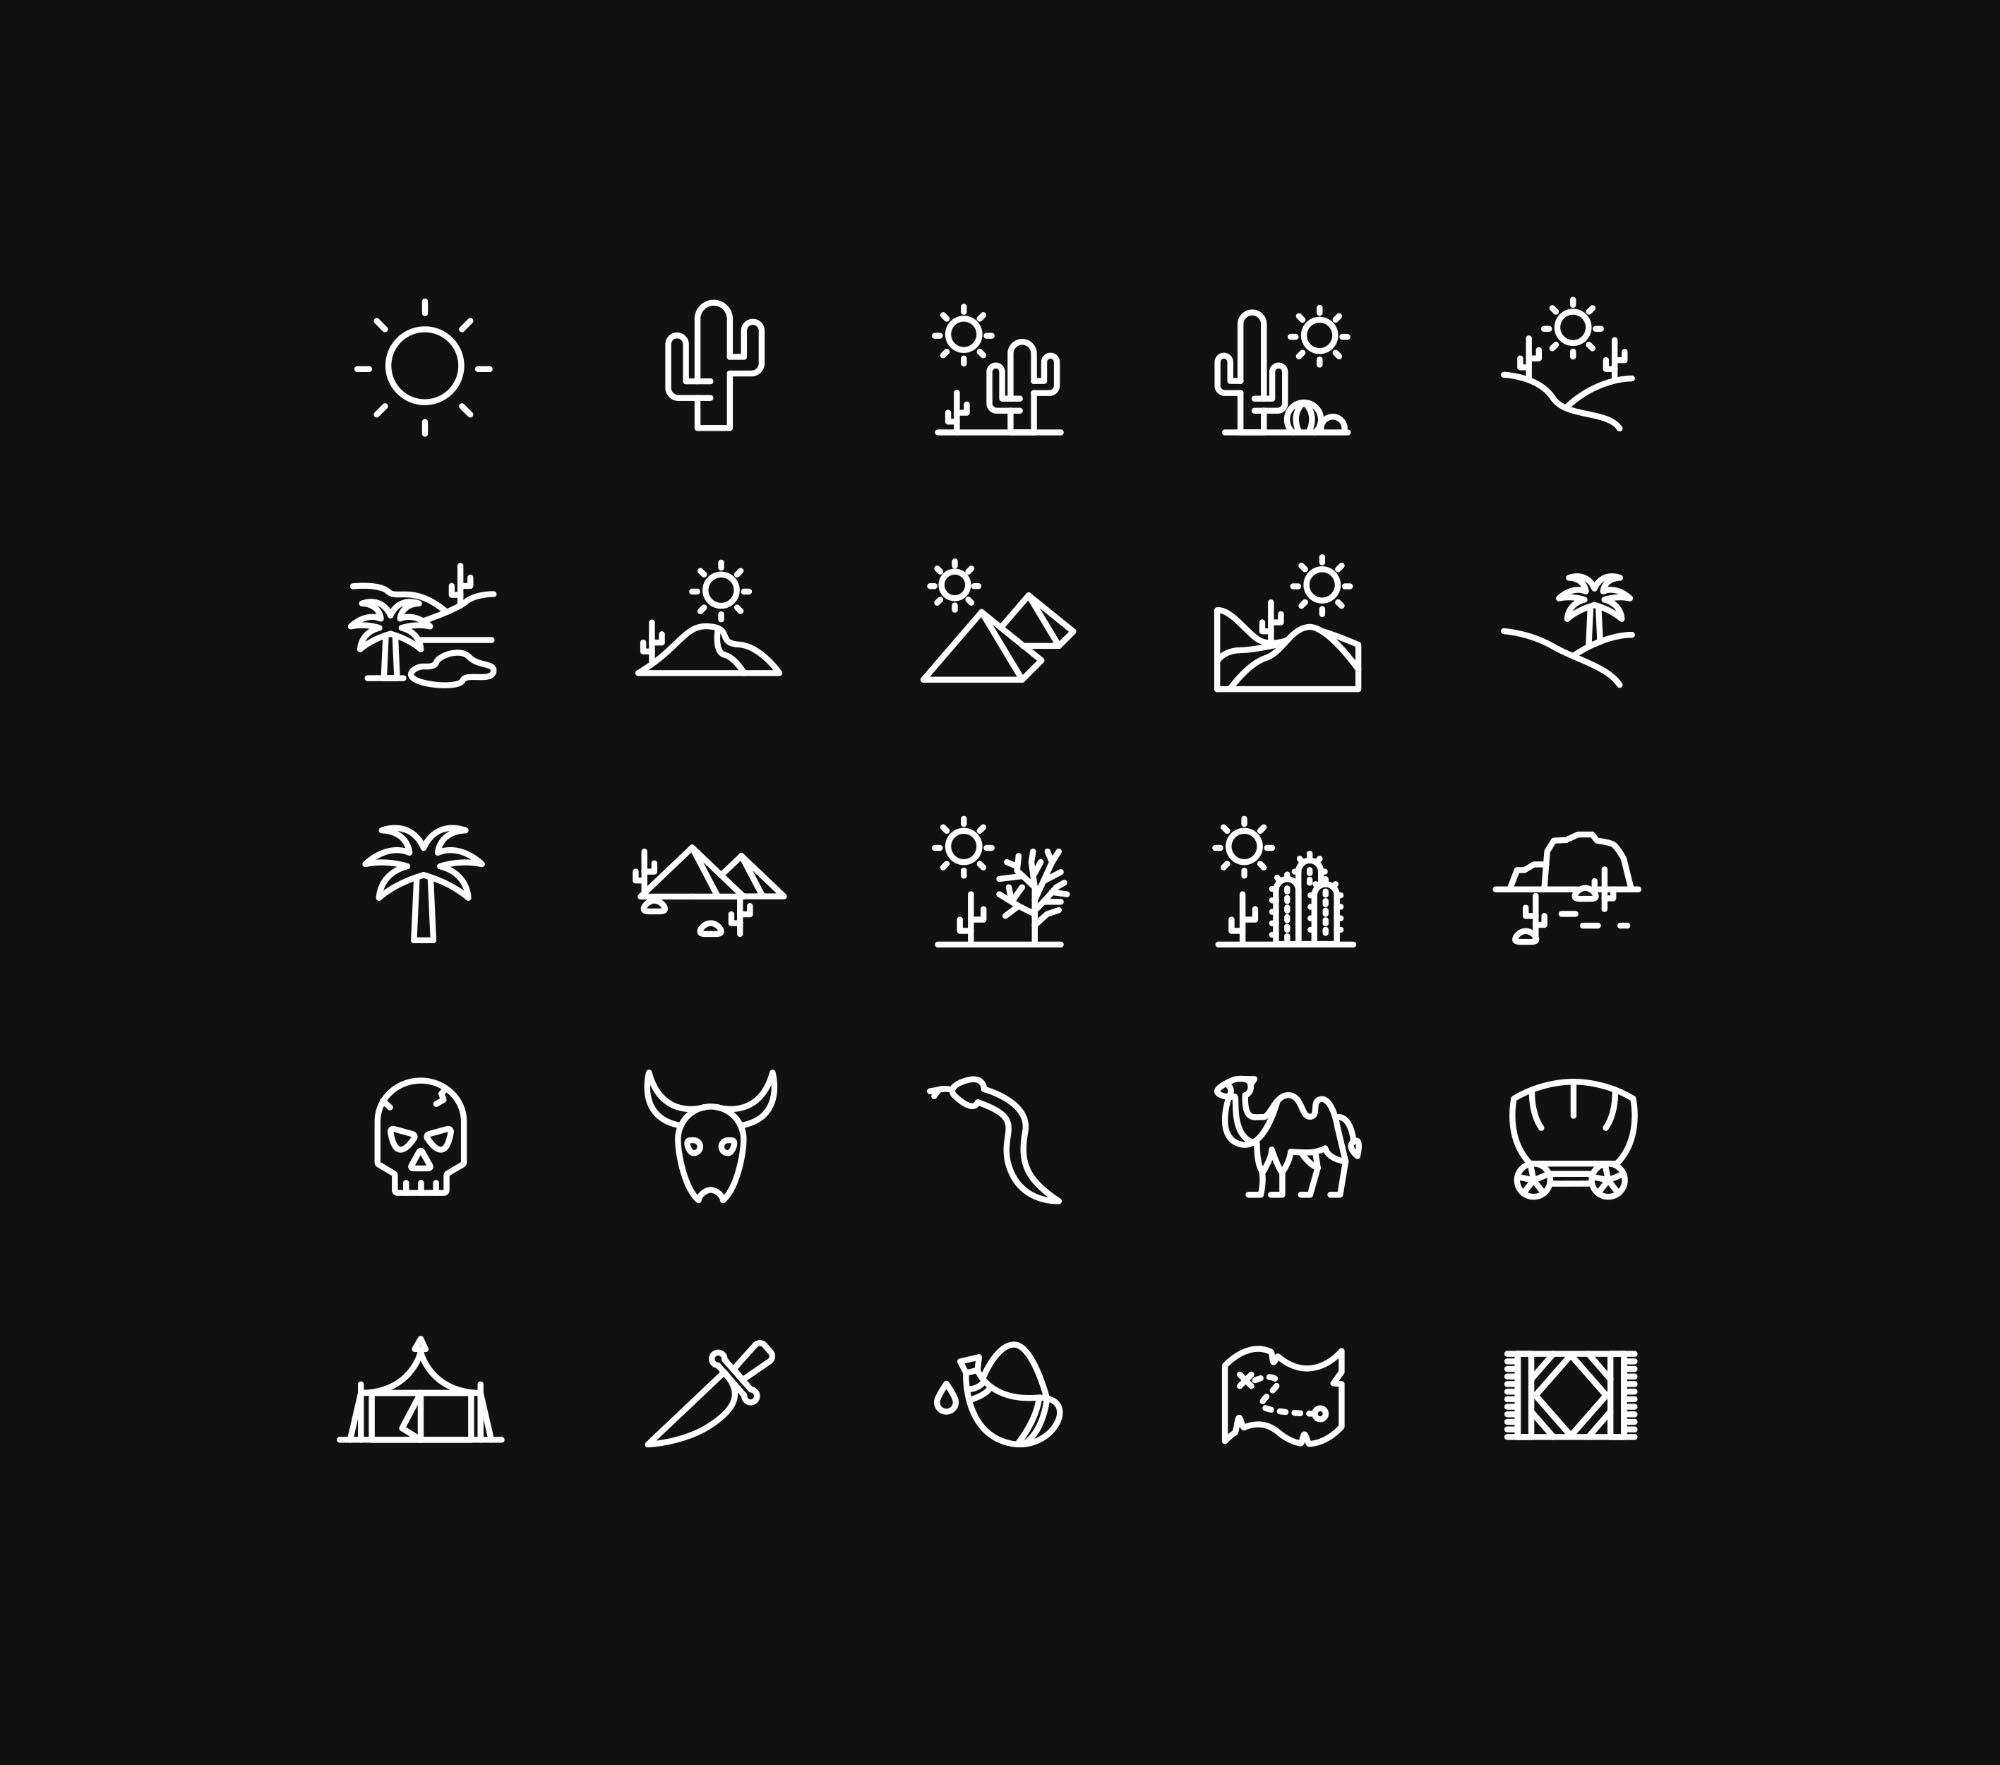 Desert Icons - Dark